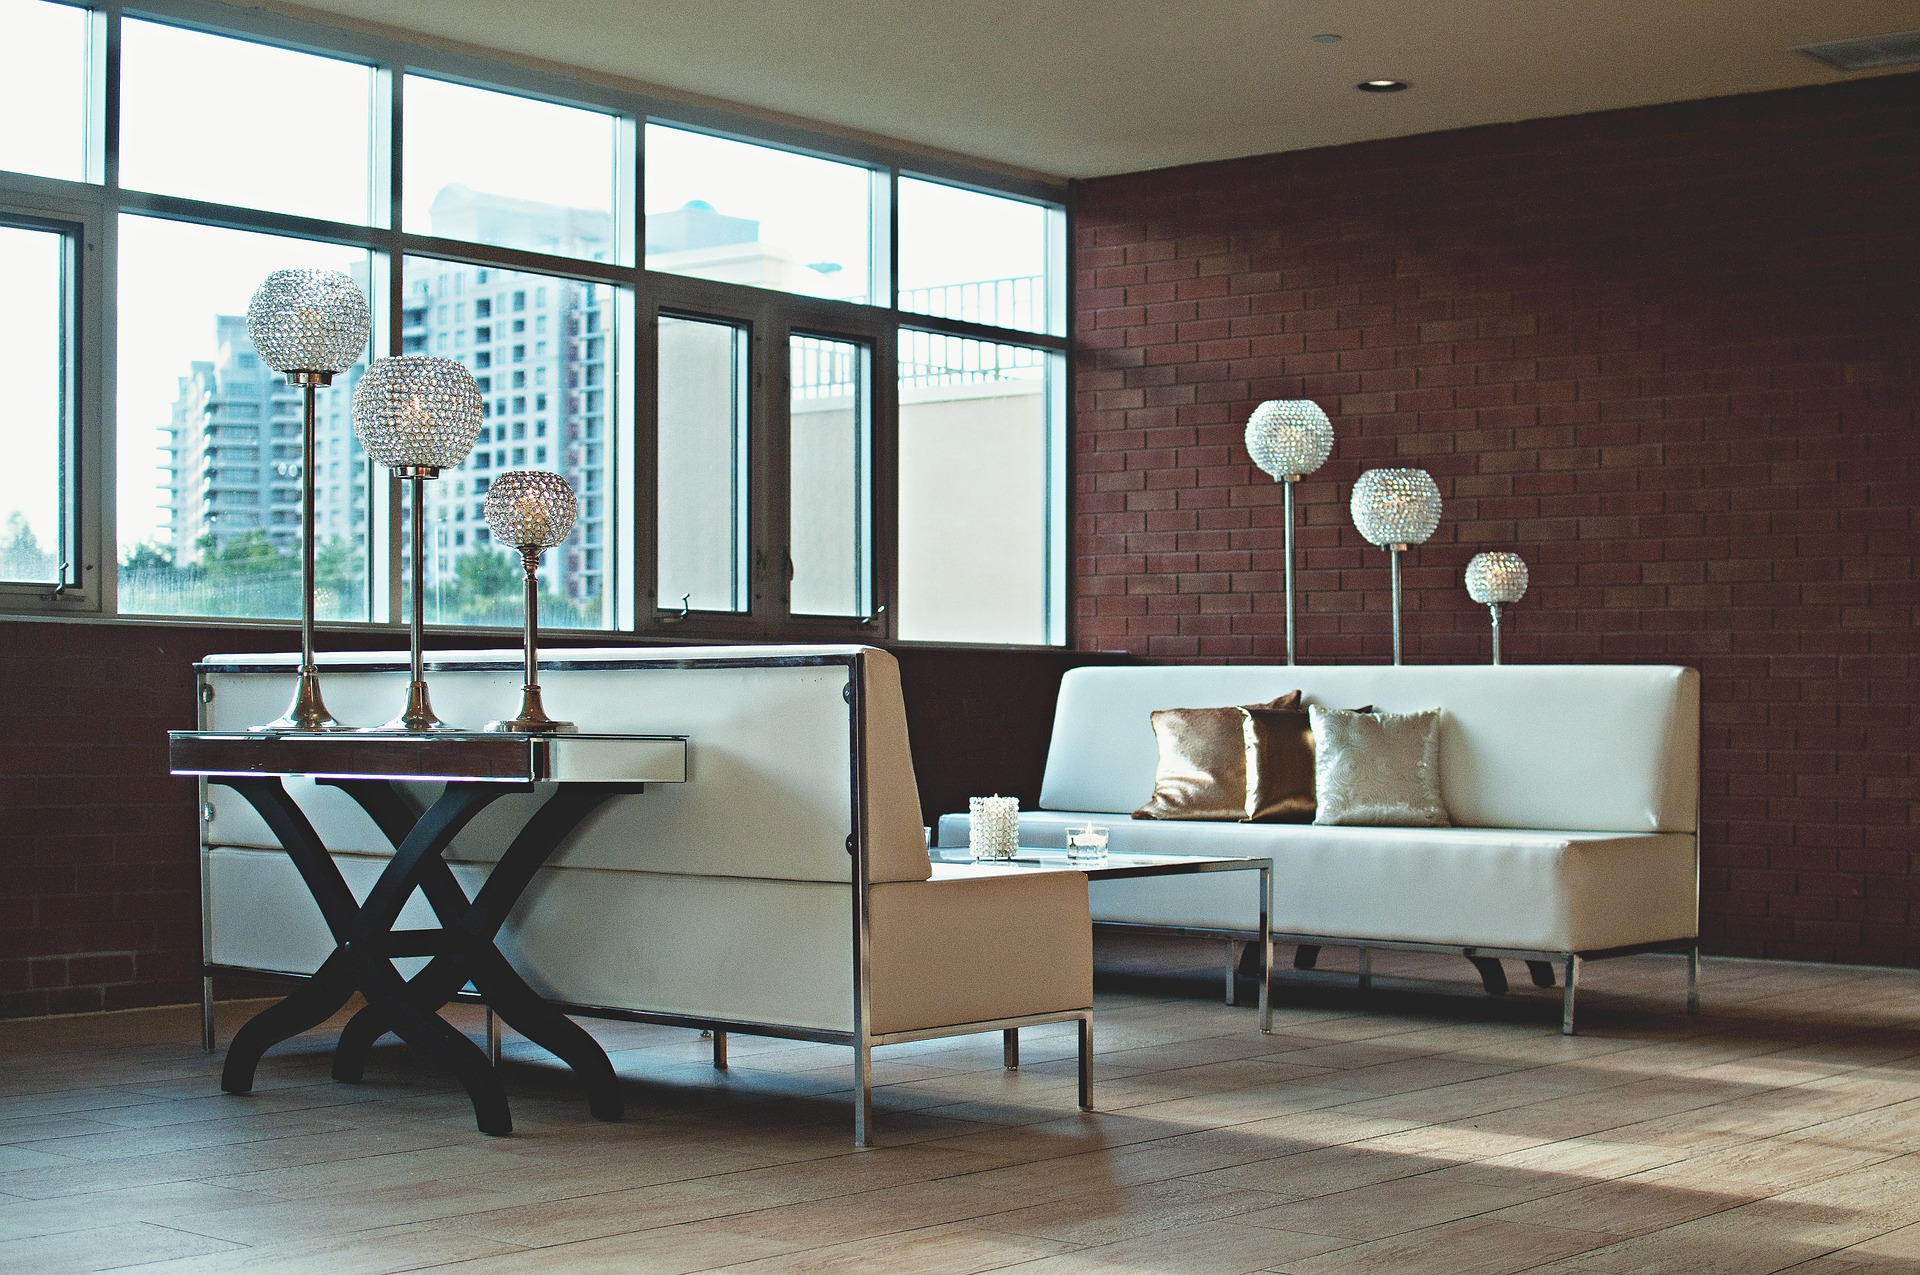 Ideeën om de ruimte in je huis optimaal te benutten